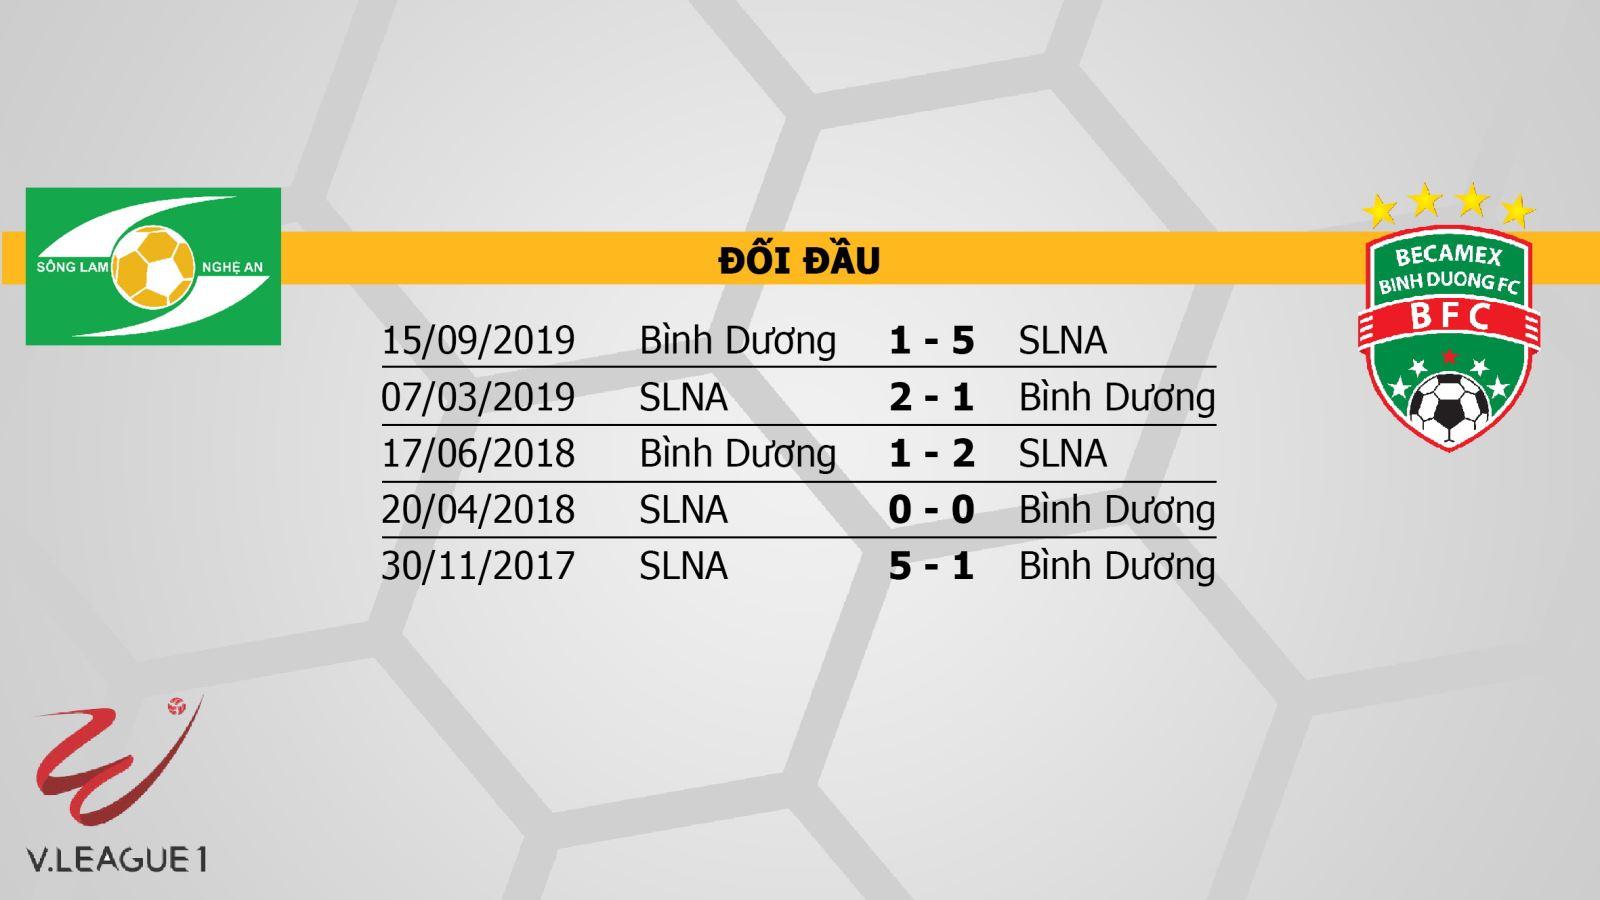 Soi kèo nhà cái SLNA đấu với Bình Dương. VTV6 trực tiếp bóng đá V League 2020. Trực tiếp bóng đá Việt Nam hôm nay: Sông Lam Nghệ An vs Bình Dương. Xem bóng đá trực tuyến VTV6, VTV5, Bóng đá TV, TTTT HD.